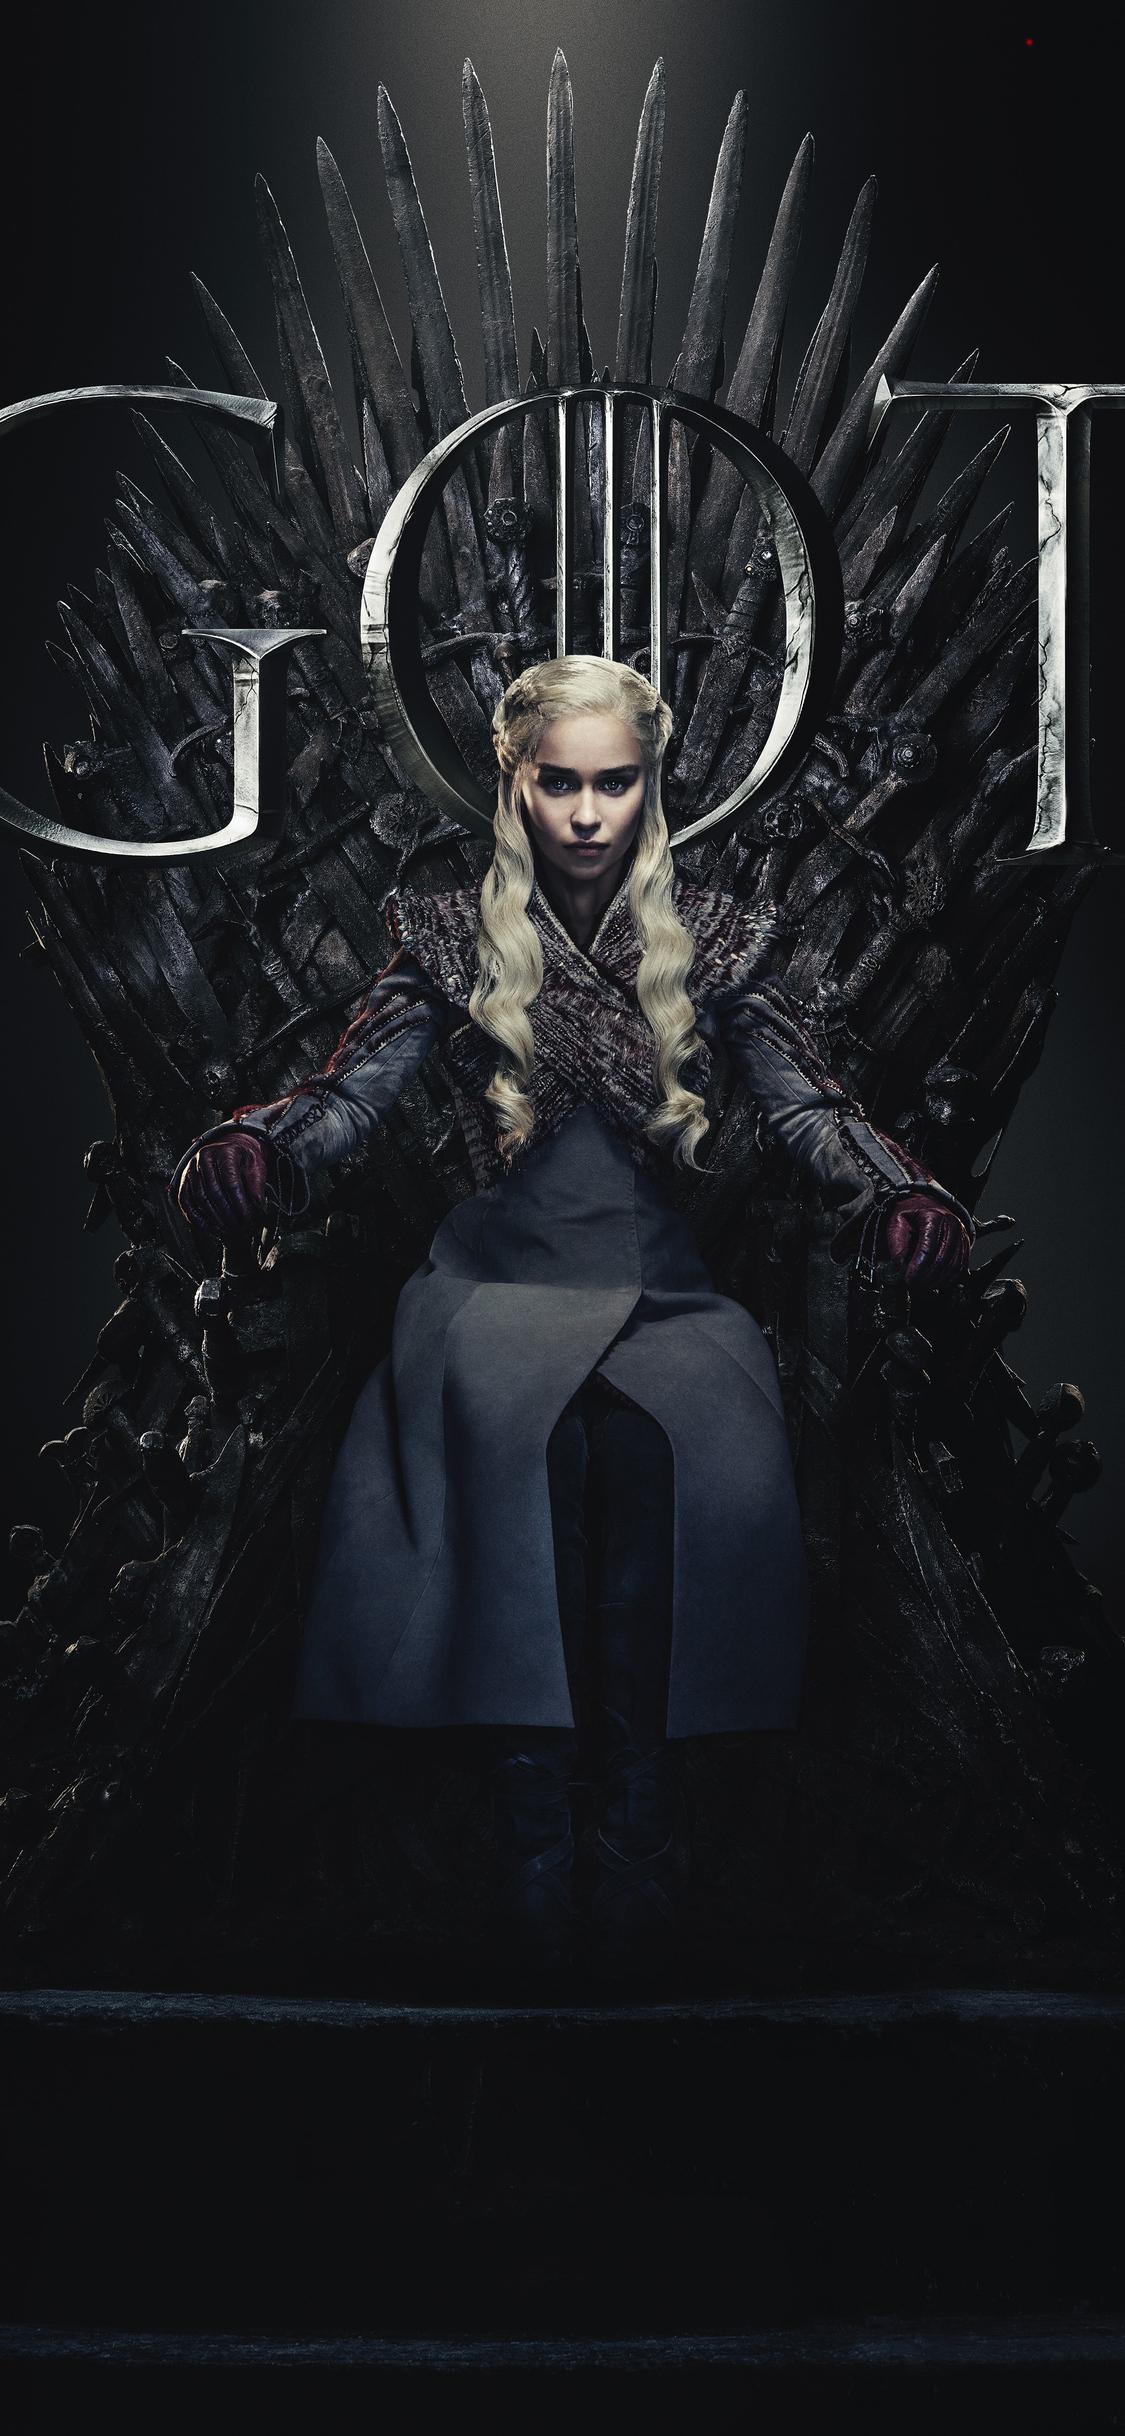 1125x2436 Daenerys Targaryen Game Of Thrones Season 8 ...